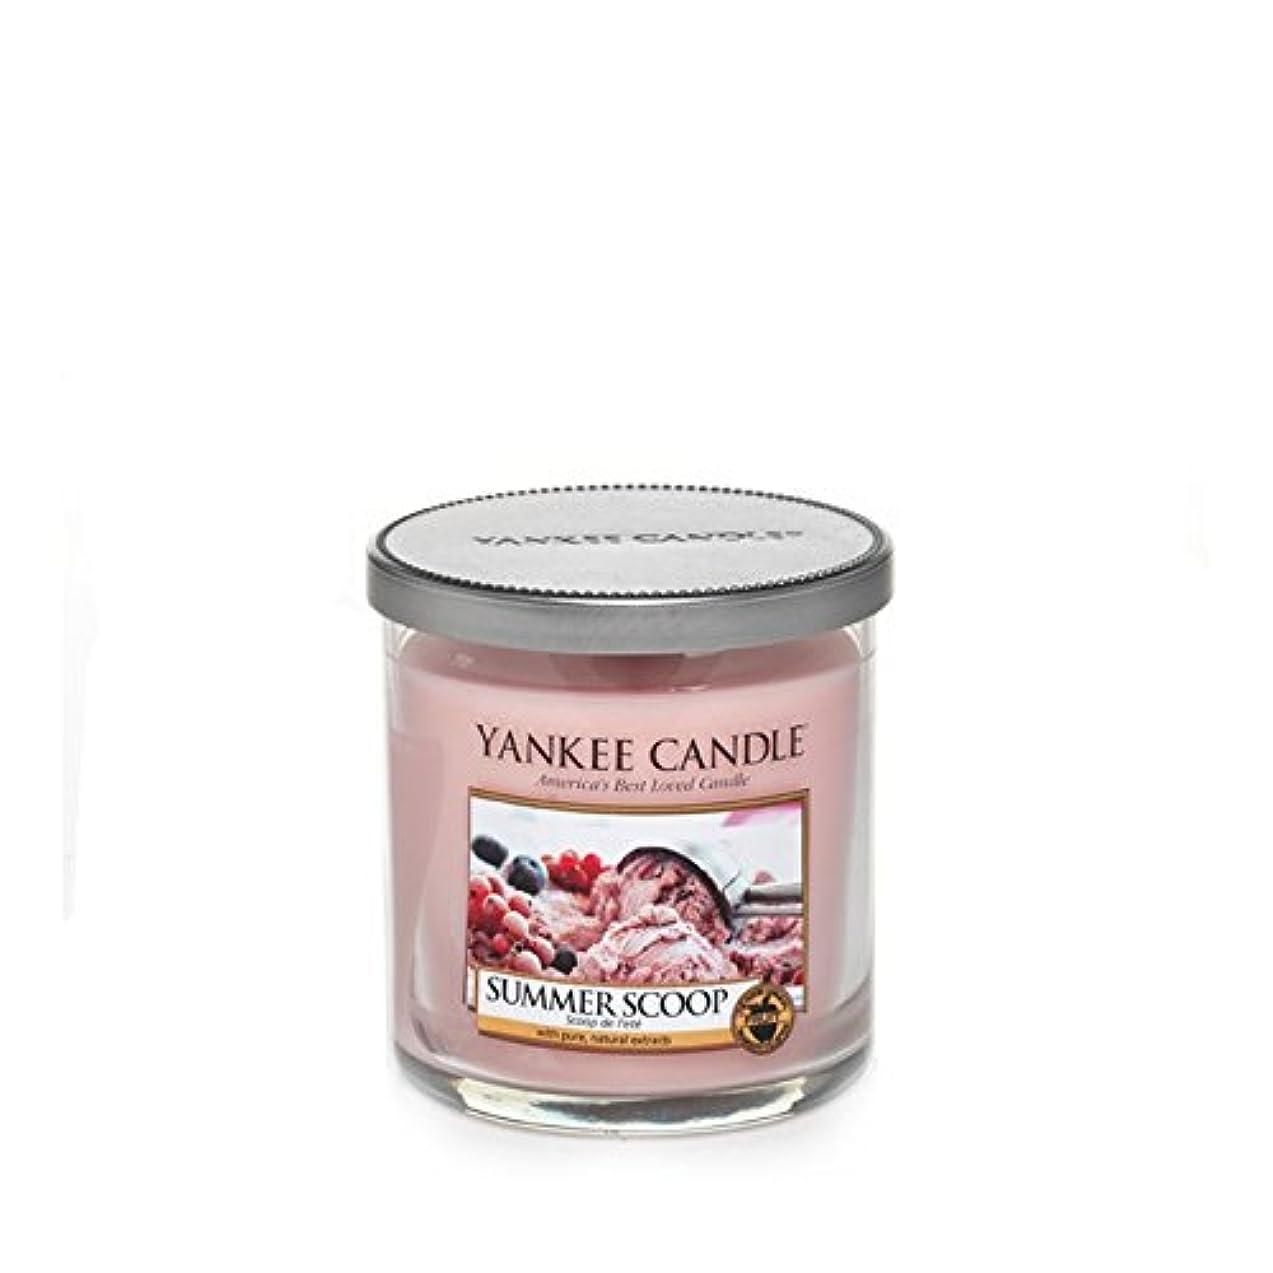 退屈検出する先生Yankee Candles Small Pillar Candle - Summer Scoop (Pack of 6) - ヤンキーキャンドルの小さな柱キャンドル - 夏のスクープ (x6) [並行輸入品]